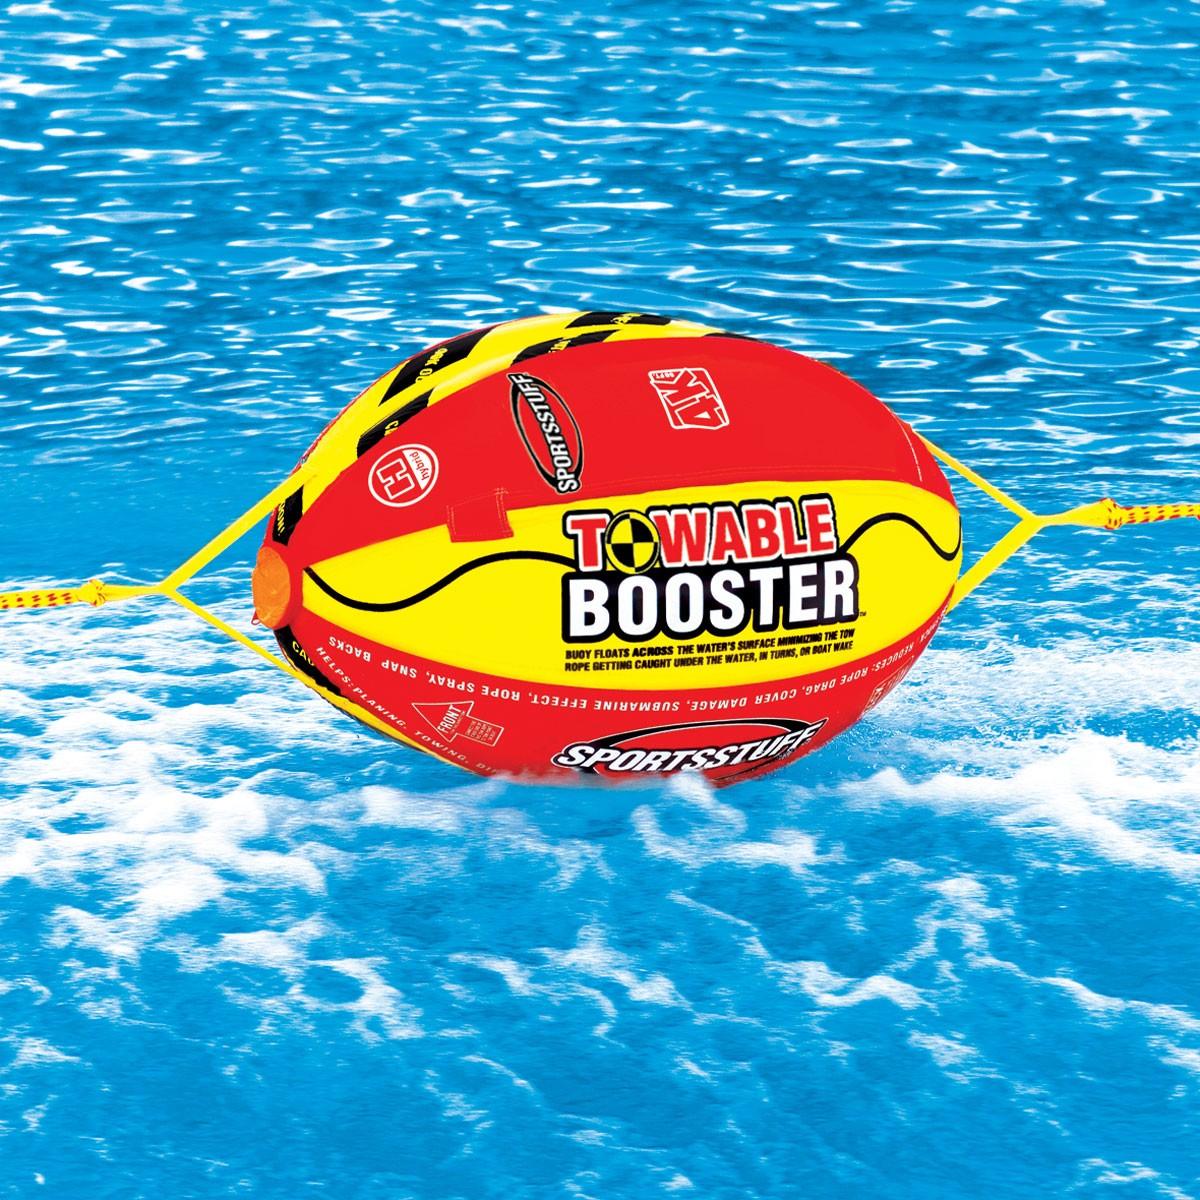 トーイングチューブ   ブースターボール SPORTSSTUFF スポーツスタッフ BOOSTER BALL